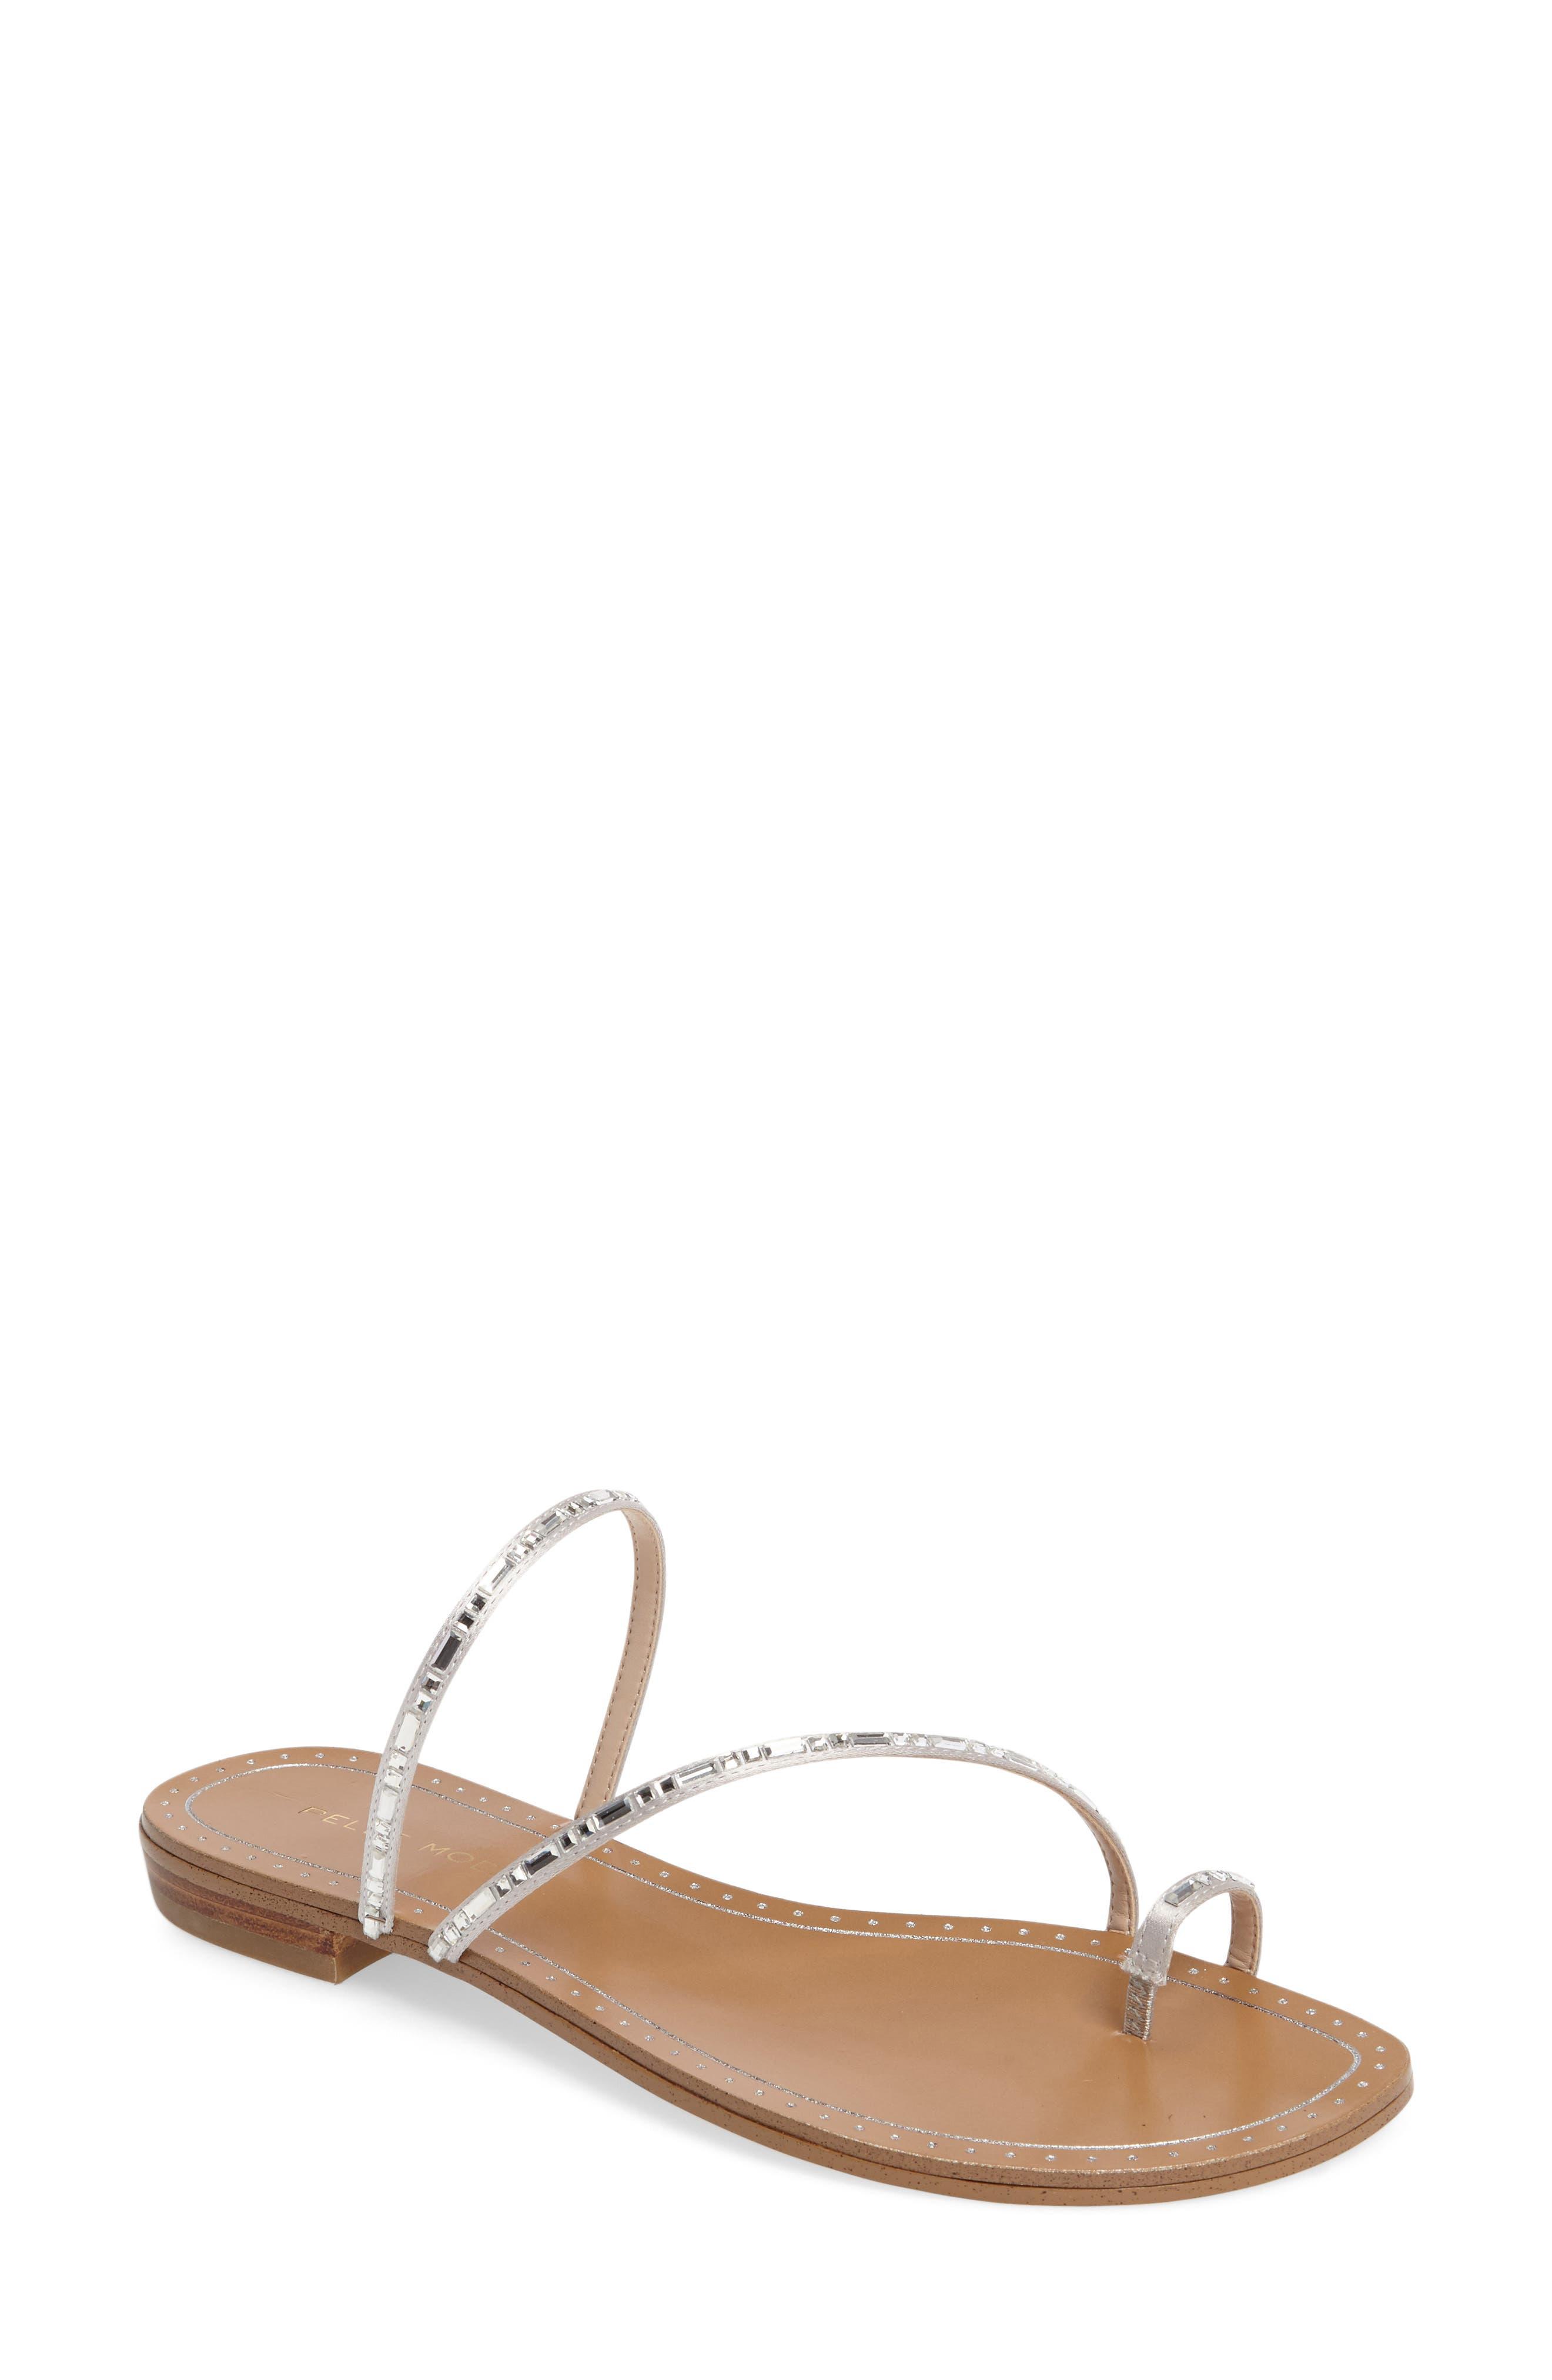 Bohem Embellished Sandal,                         Main,                         color,